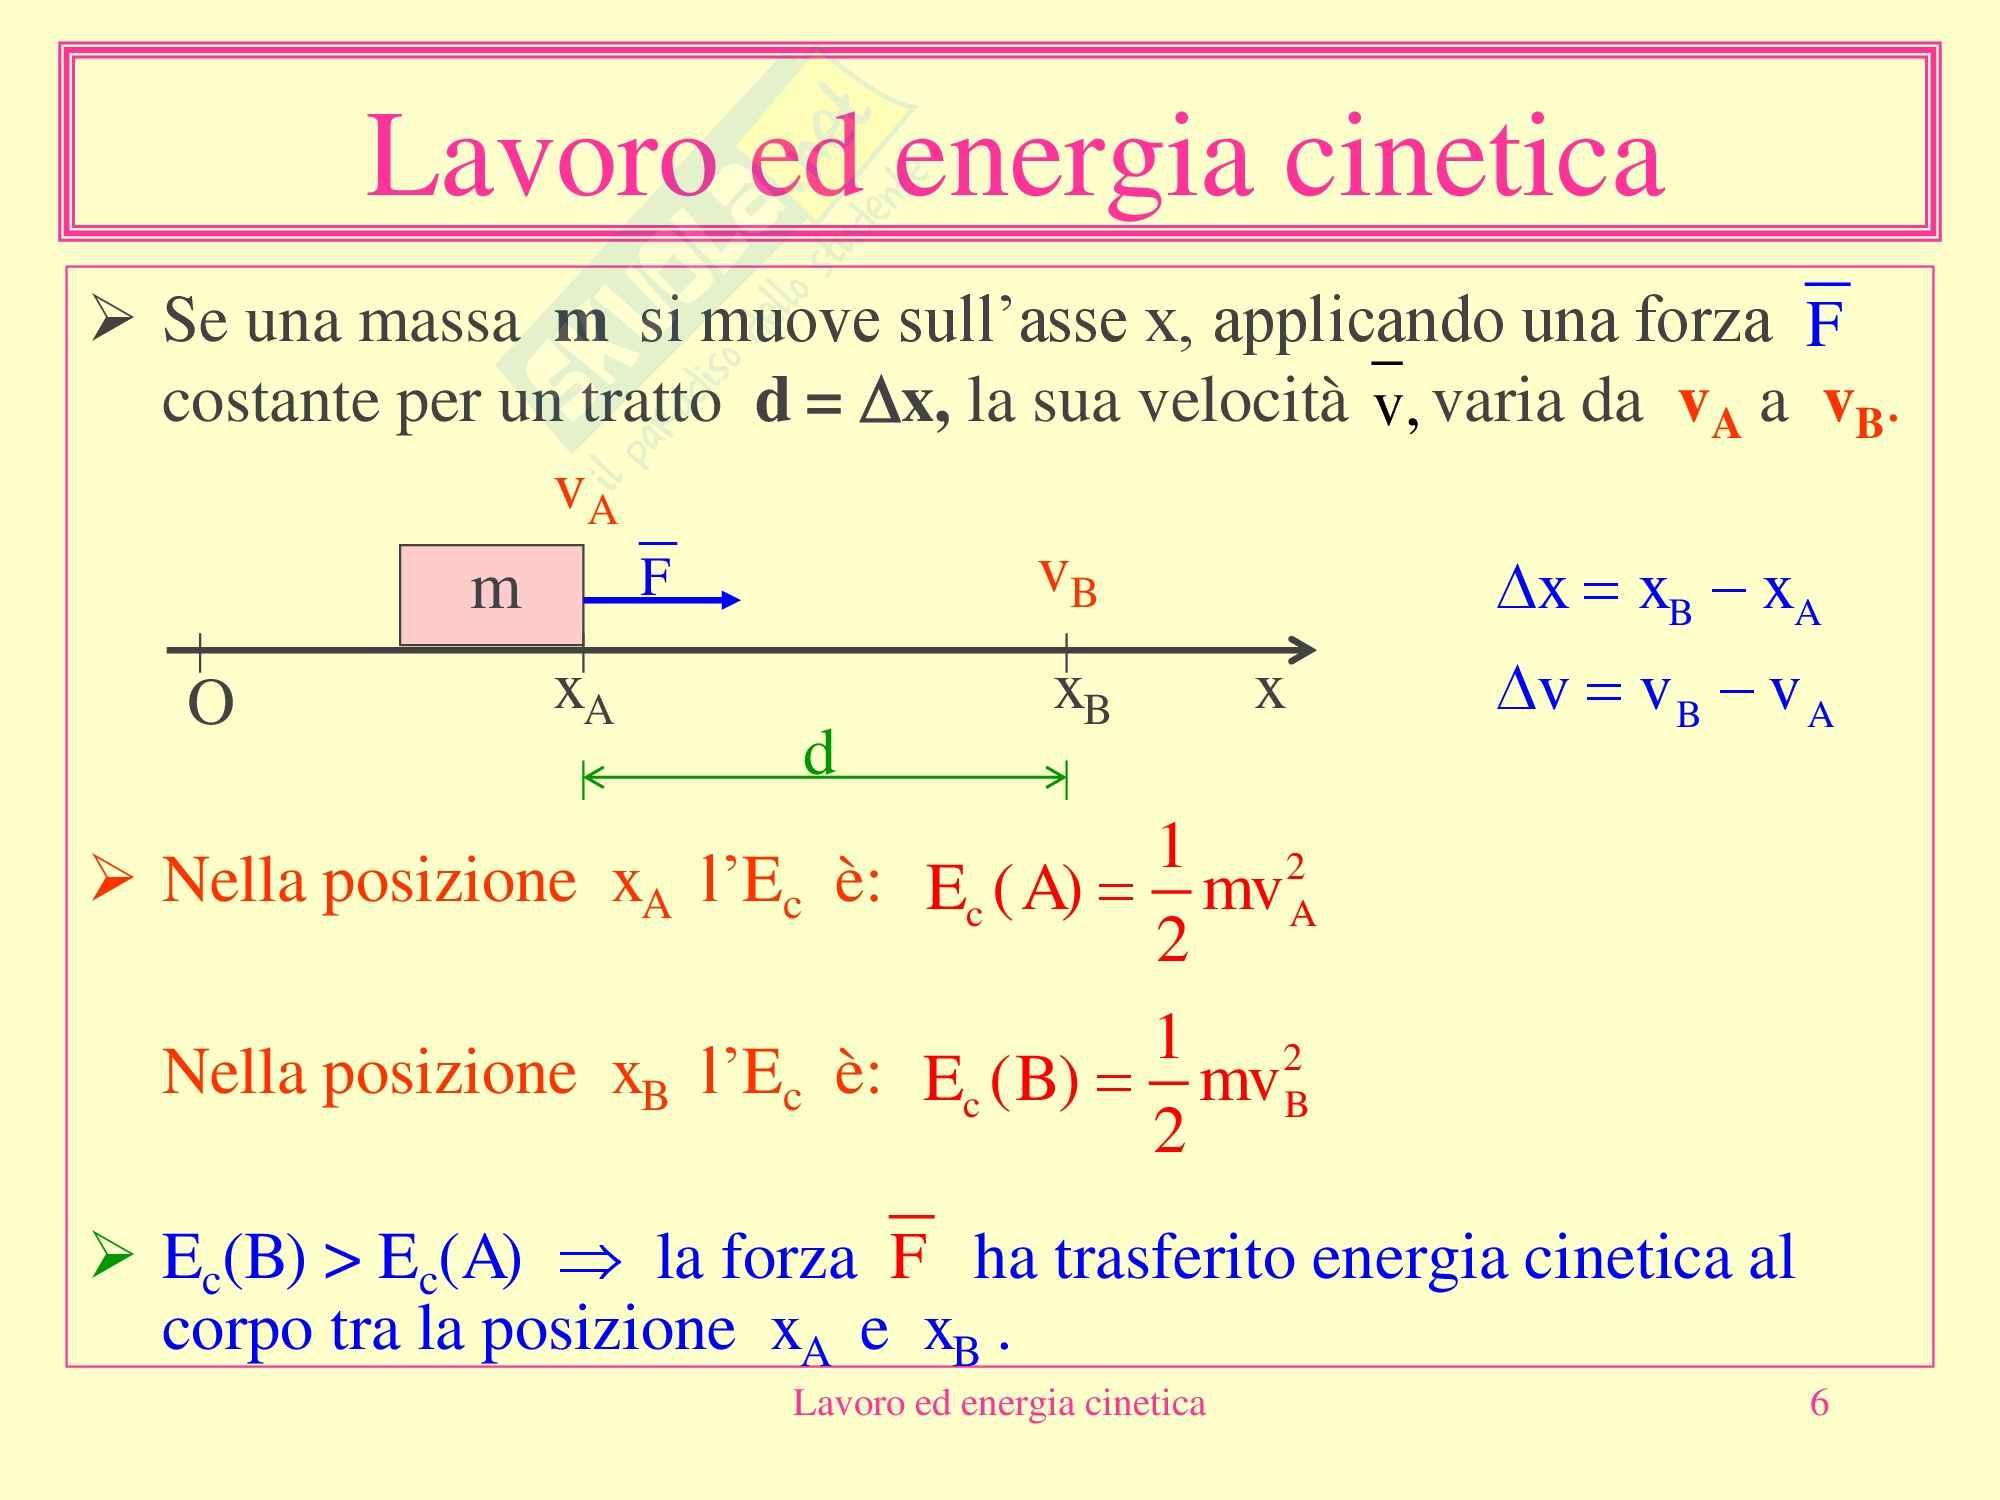 Fisica medica - Lavoro ed energia cinetica Pag. 6